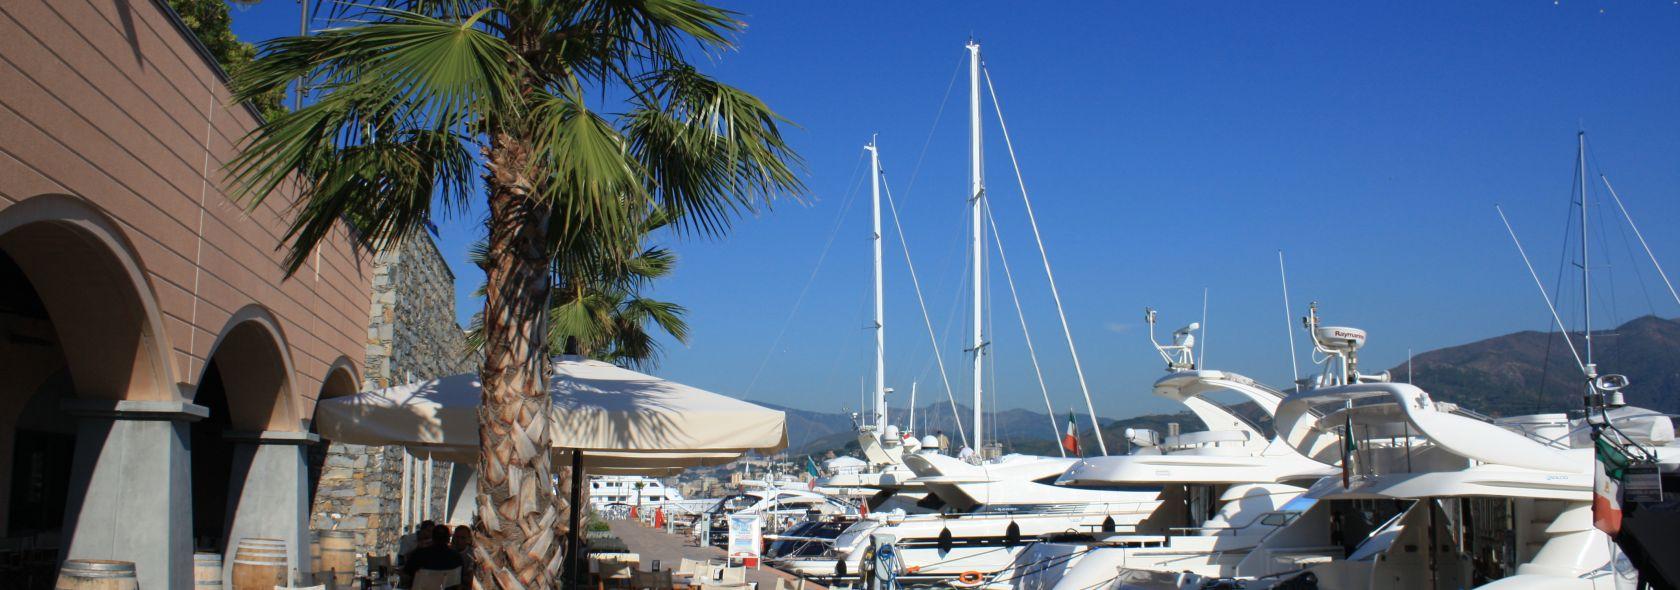 Marina di Sestri Ponente